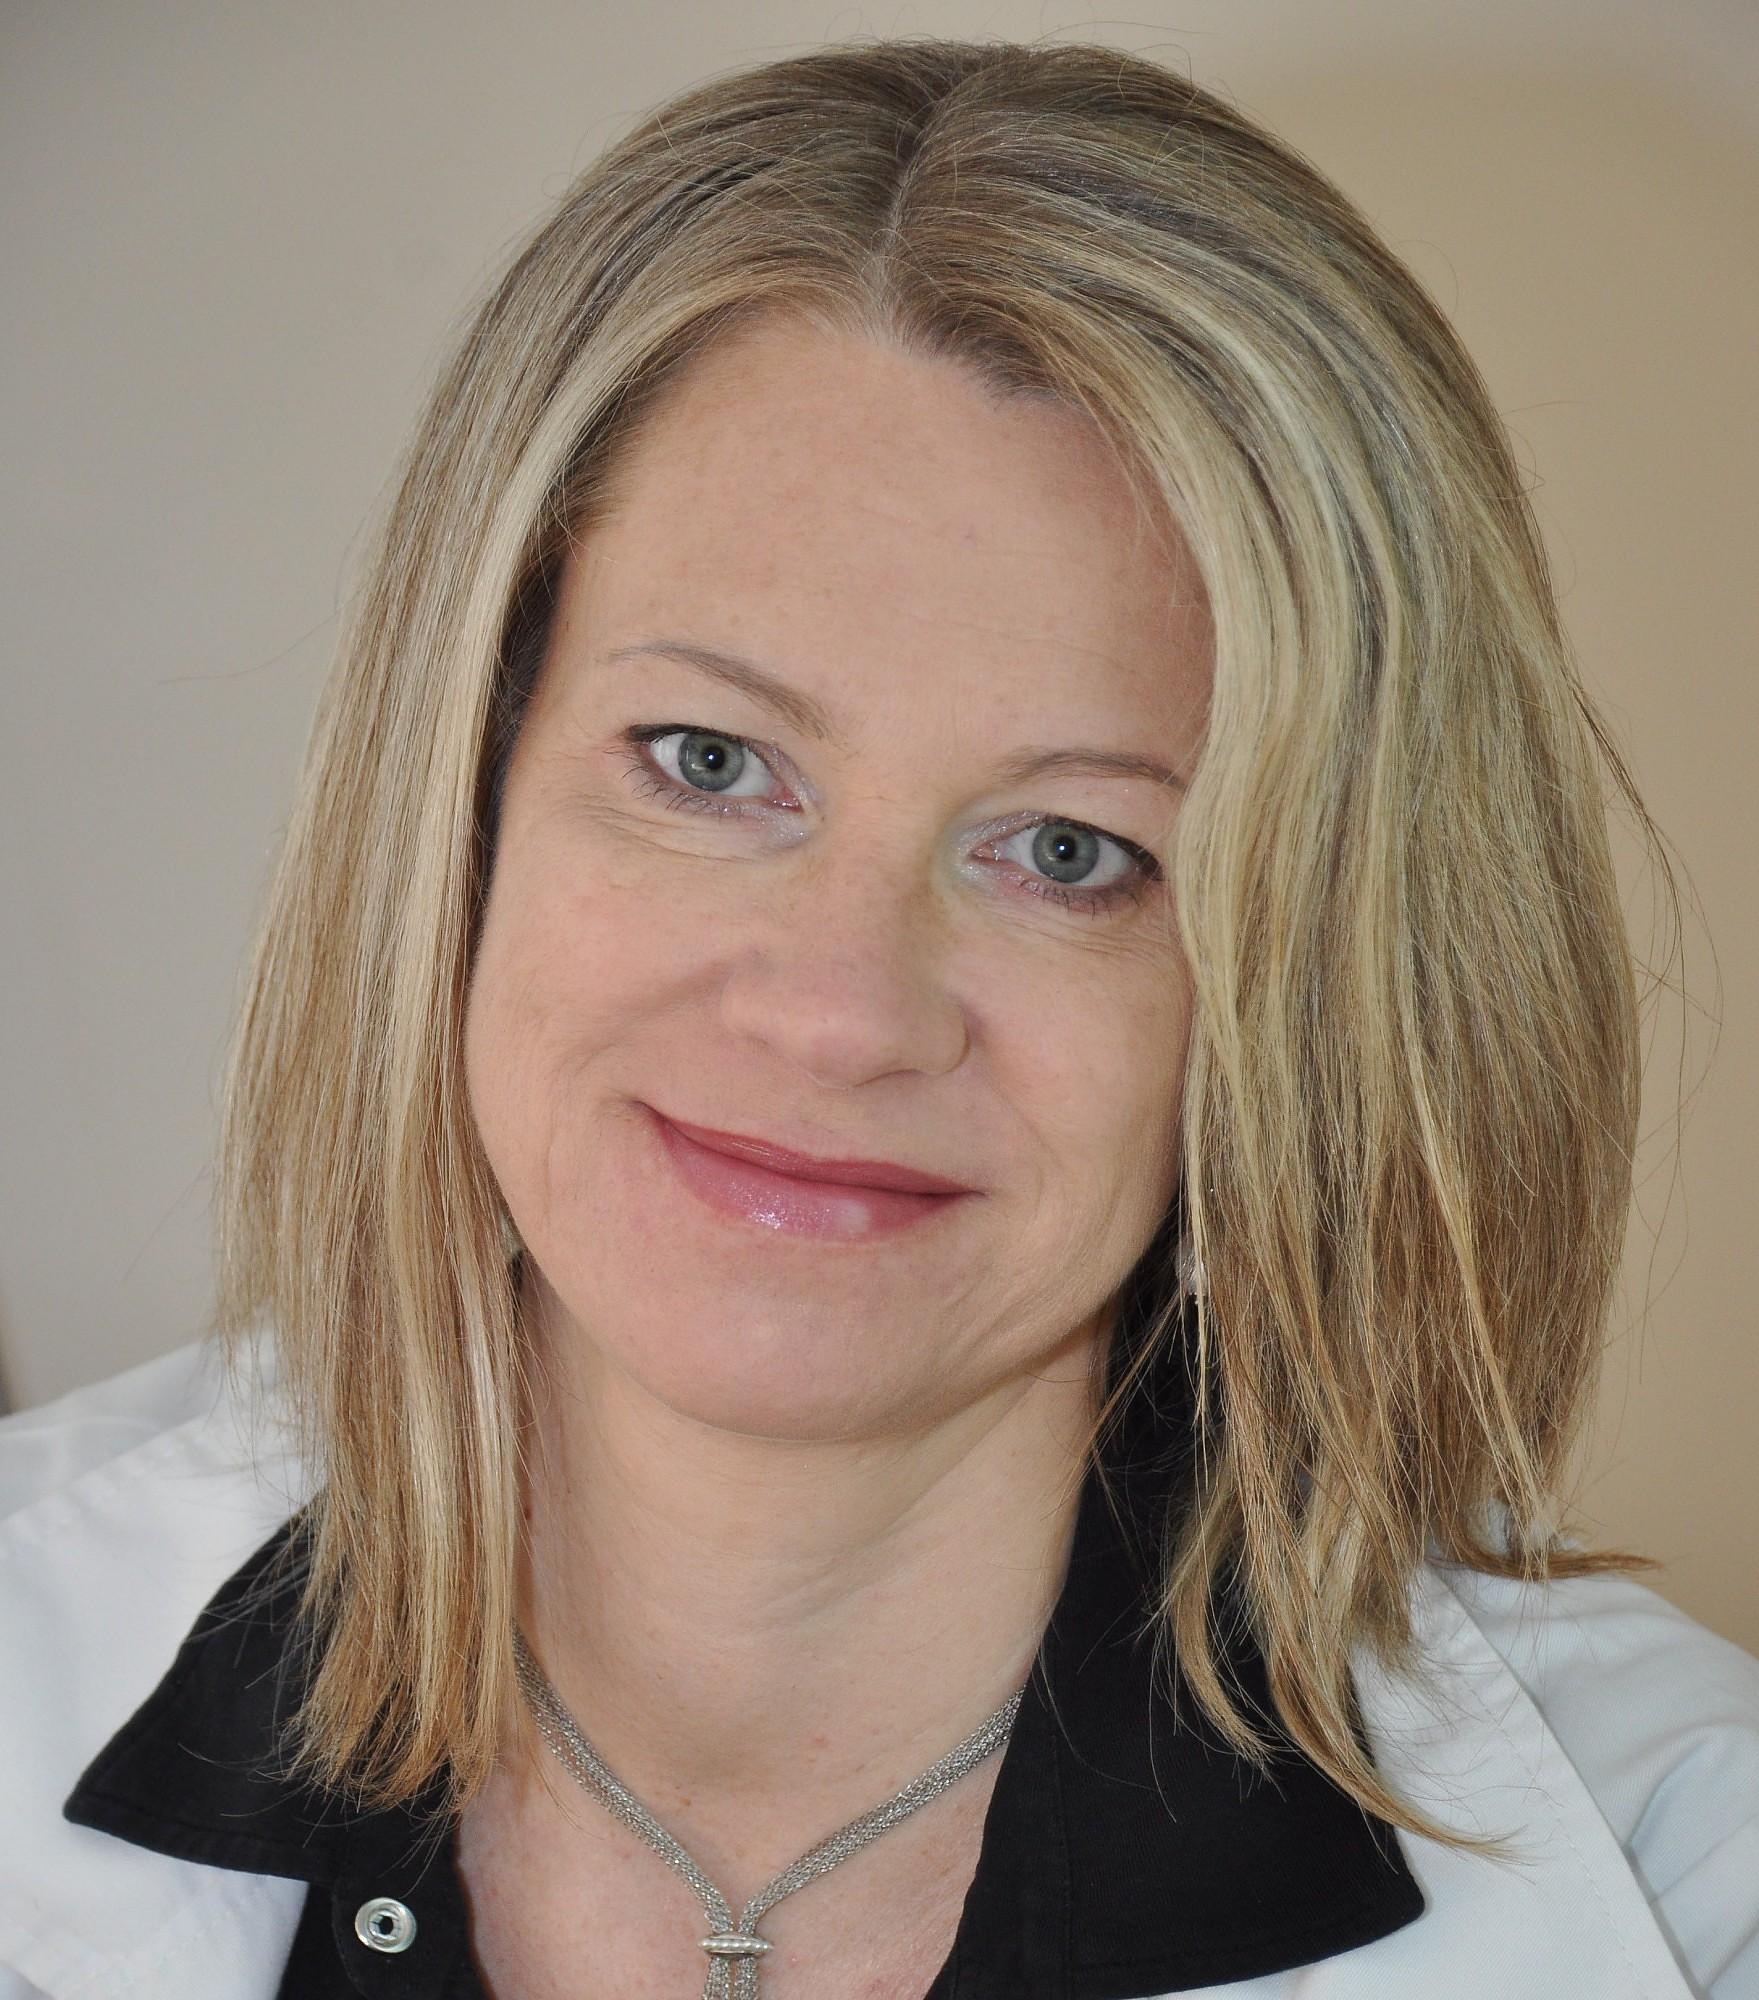 Новая заведующая психиатрической клиникой – Эвия Силиня